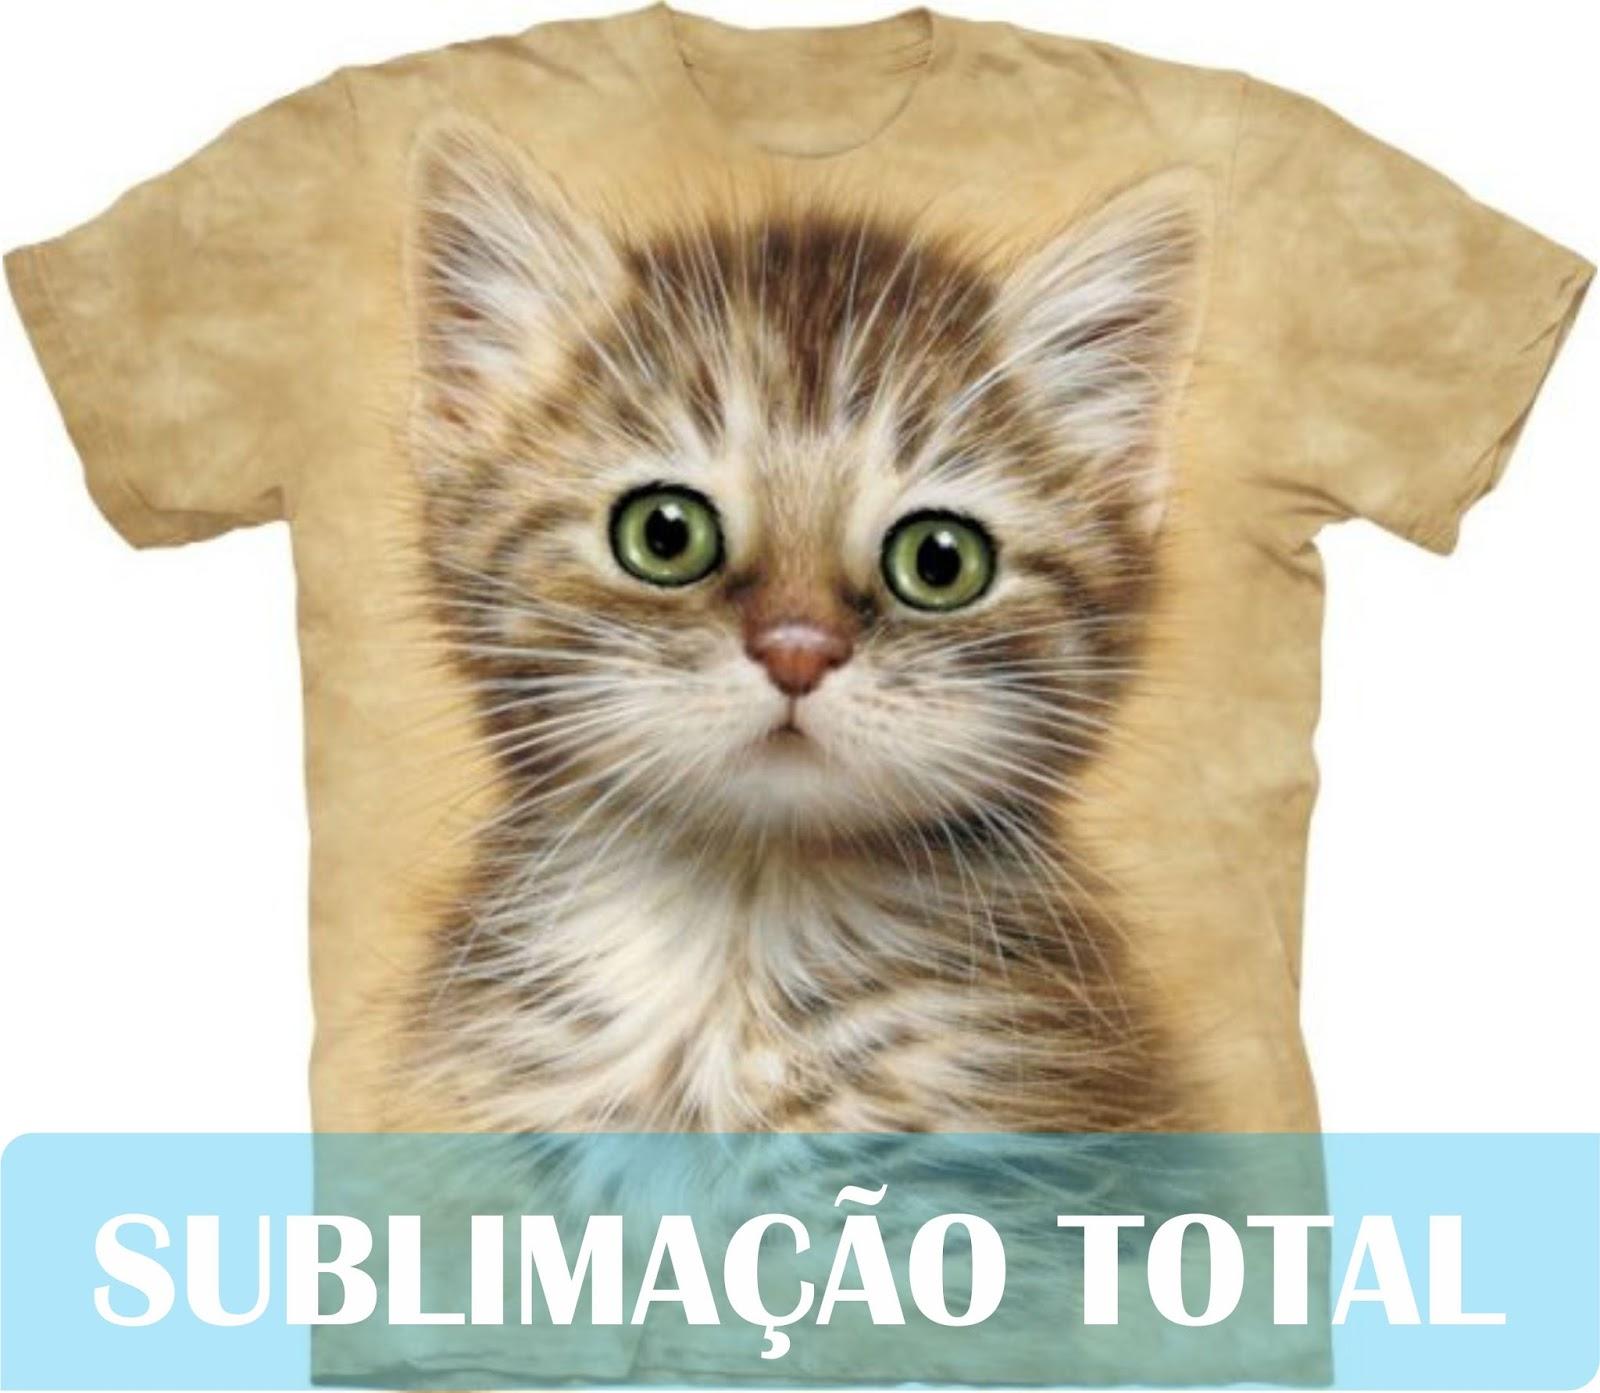 camiseta com sublimação total ou parcial